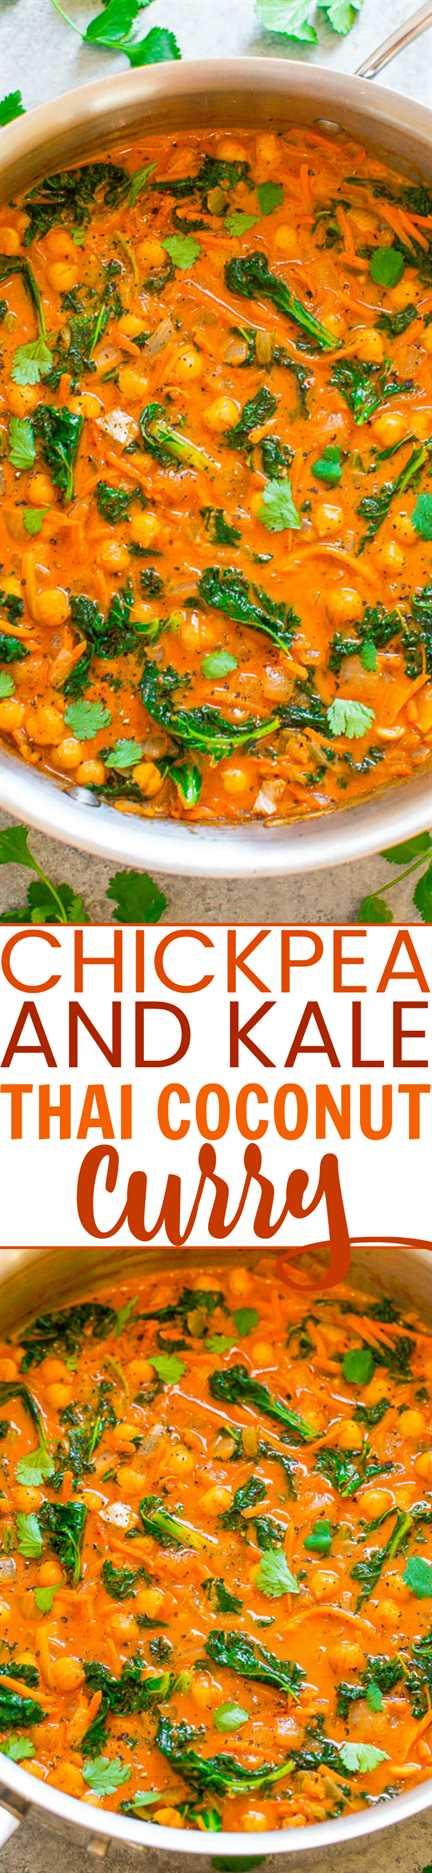 Curry de coco tailandés con garbanzos y col rizada: ¡un FÁCIL curry vegano de una sartén que está listo en 15 minutos y tiene sabores increíbles inspirados en Tailandia! ¡Bajo en calorías, bajo en carbohidratos y SALUDABLE, pero sabe a abundante comida reconfortante!